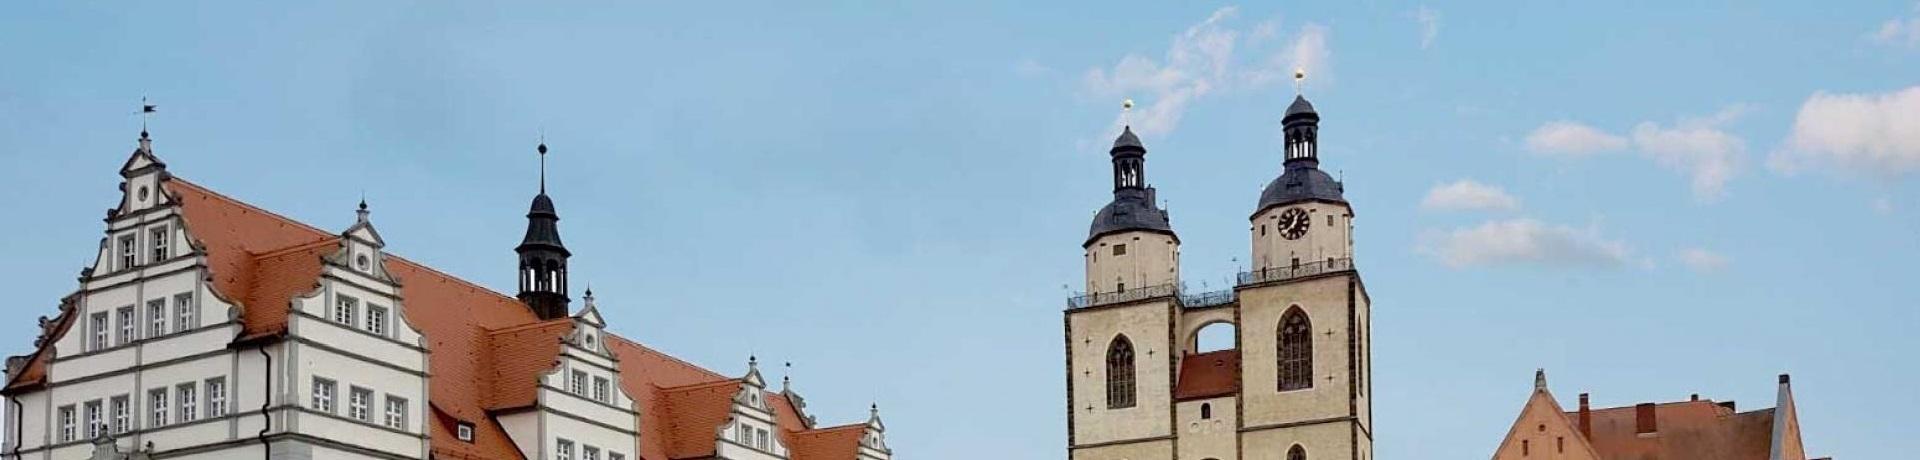 Lutherjahr 2017 Lutherstadt Wittenberg Mutter der Reformation